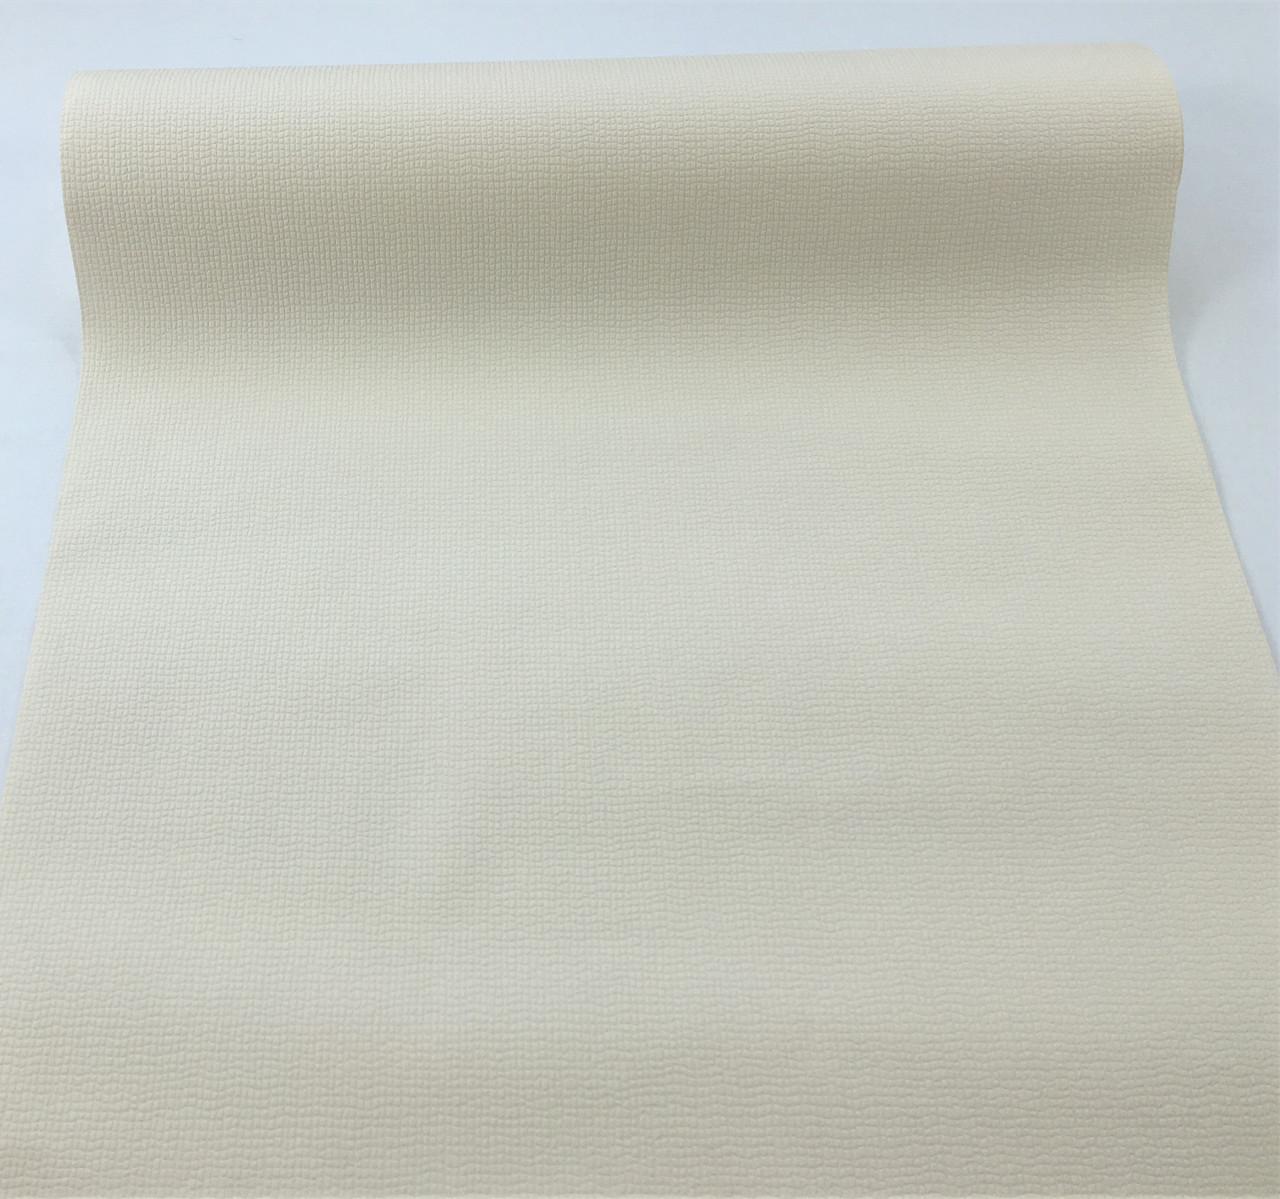 Кремові однотонні шпалери 140739, світлого пастельного відтінку, миються вінілові на флізеліновій основі